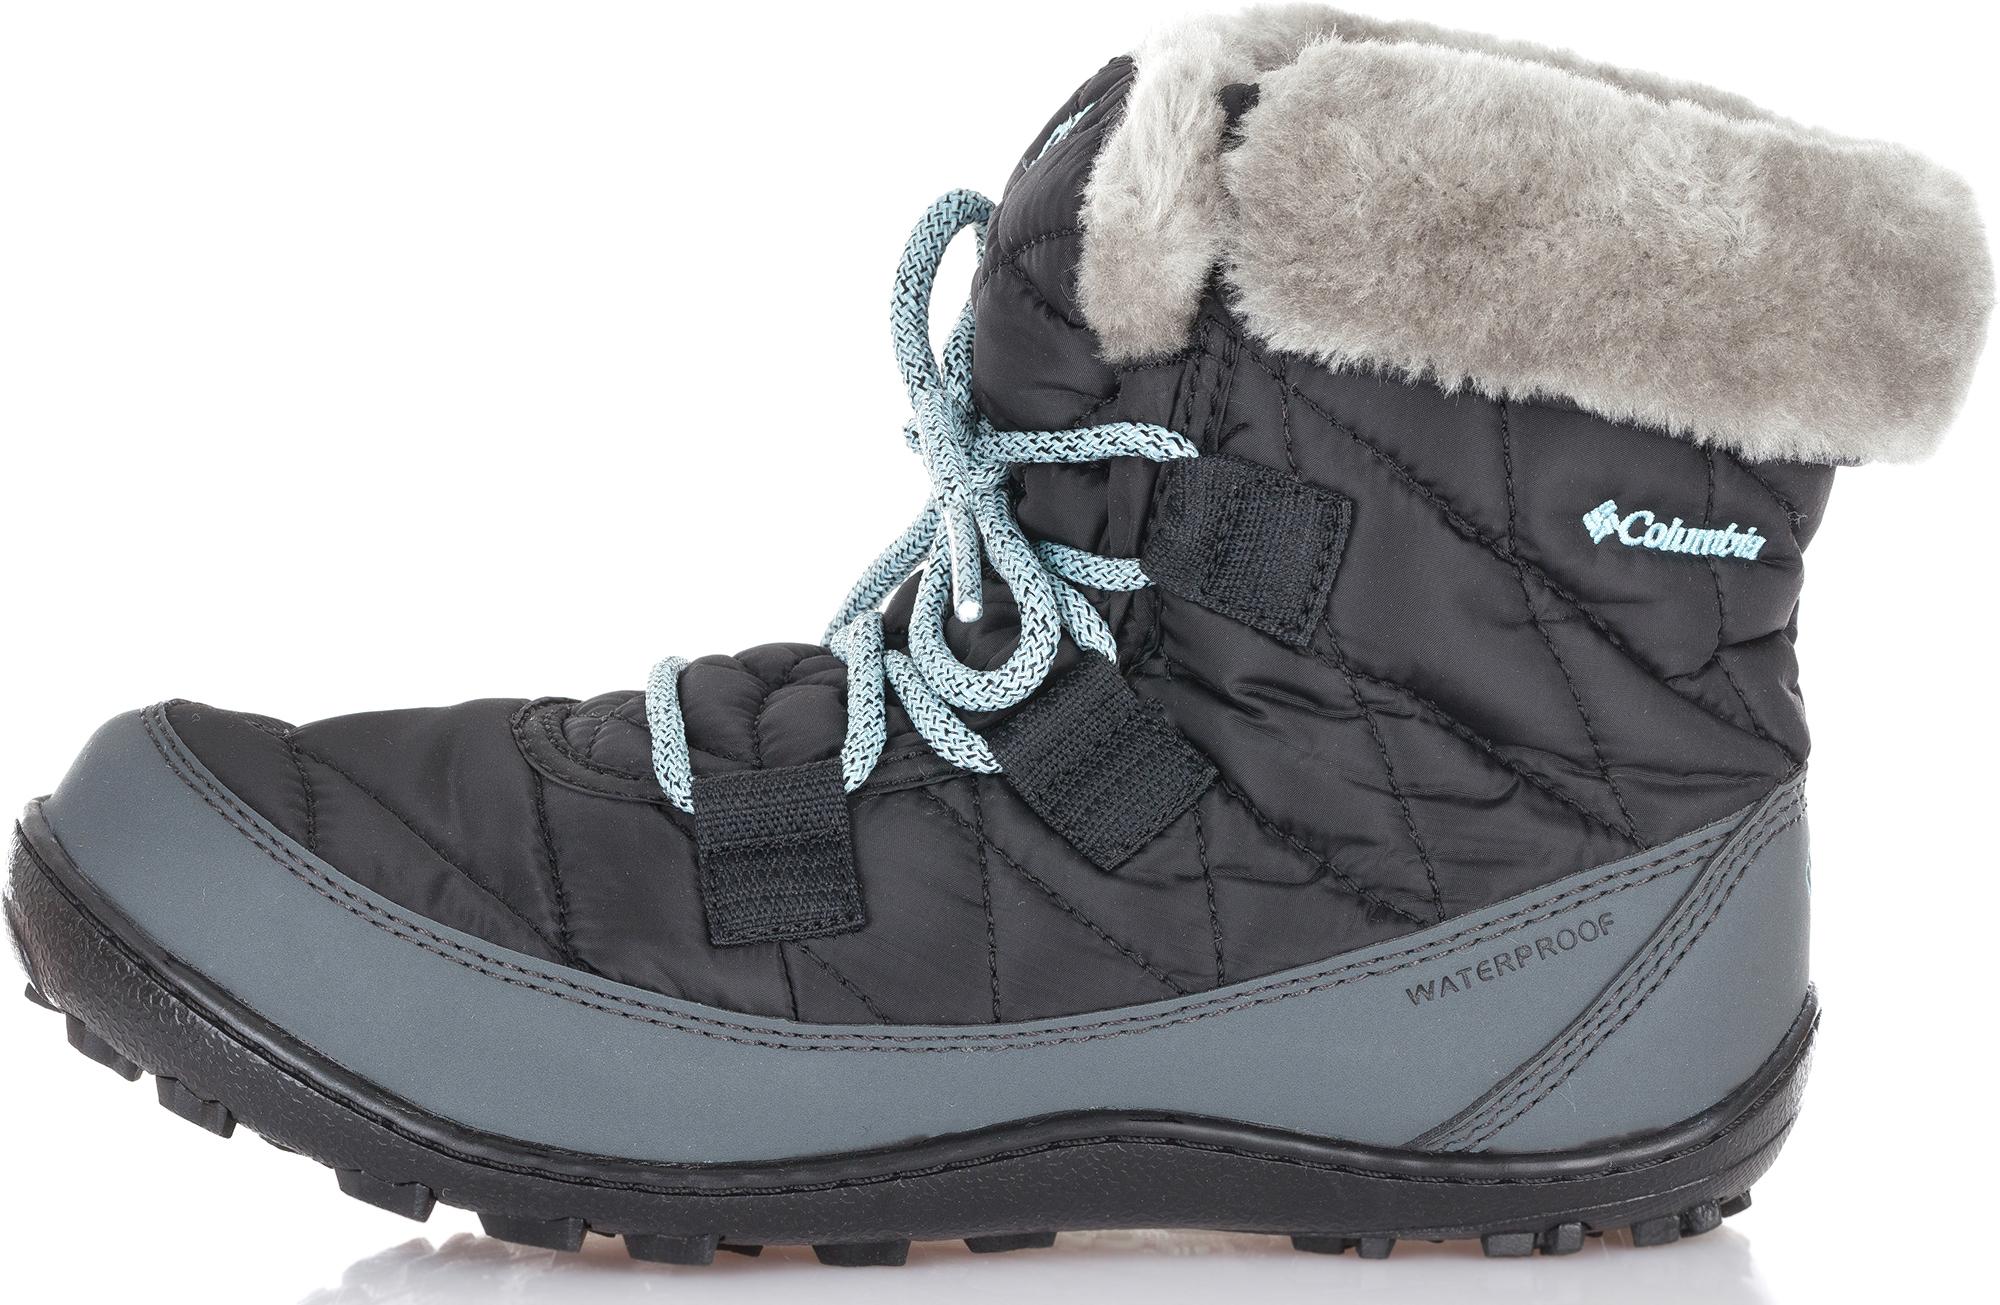 Columbia Ботинки утепленные для девочек Columbia Youth Minx, размер 33 недорого